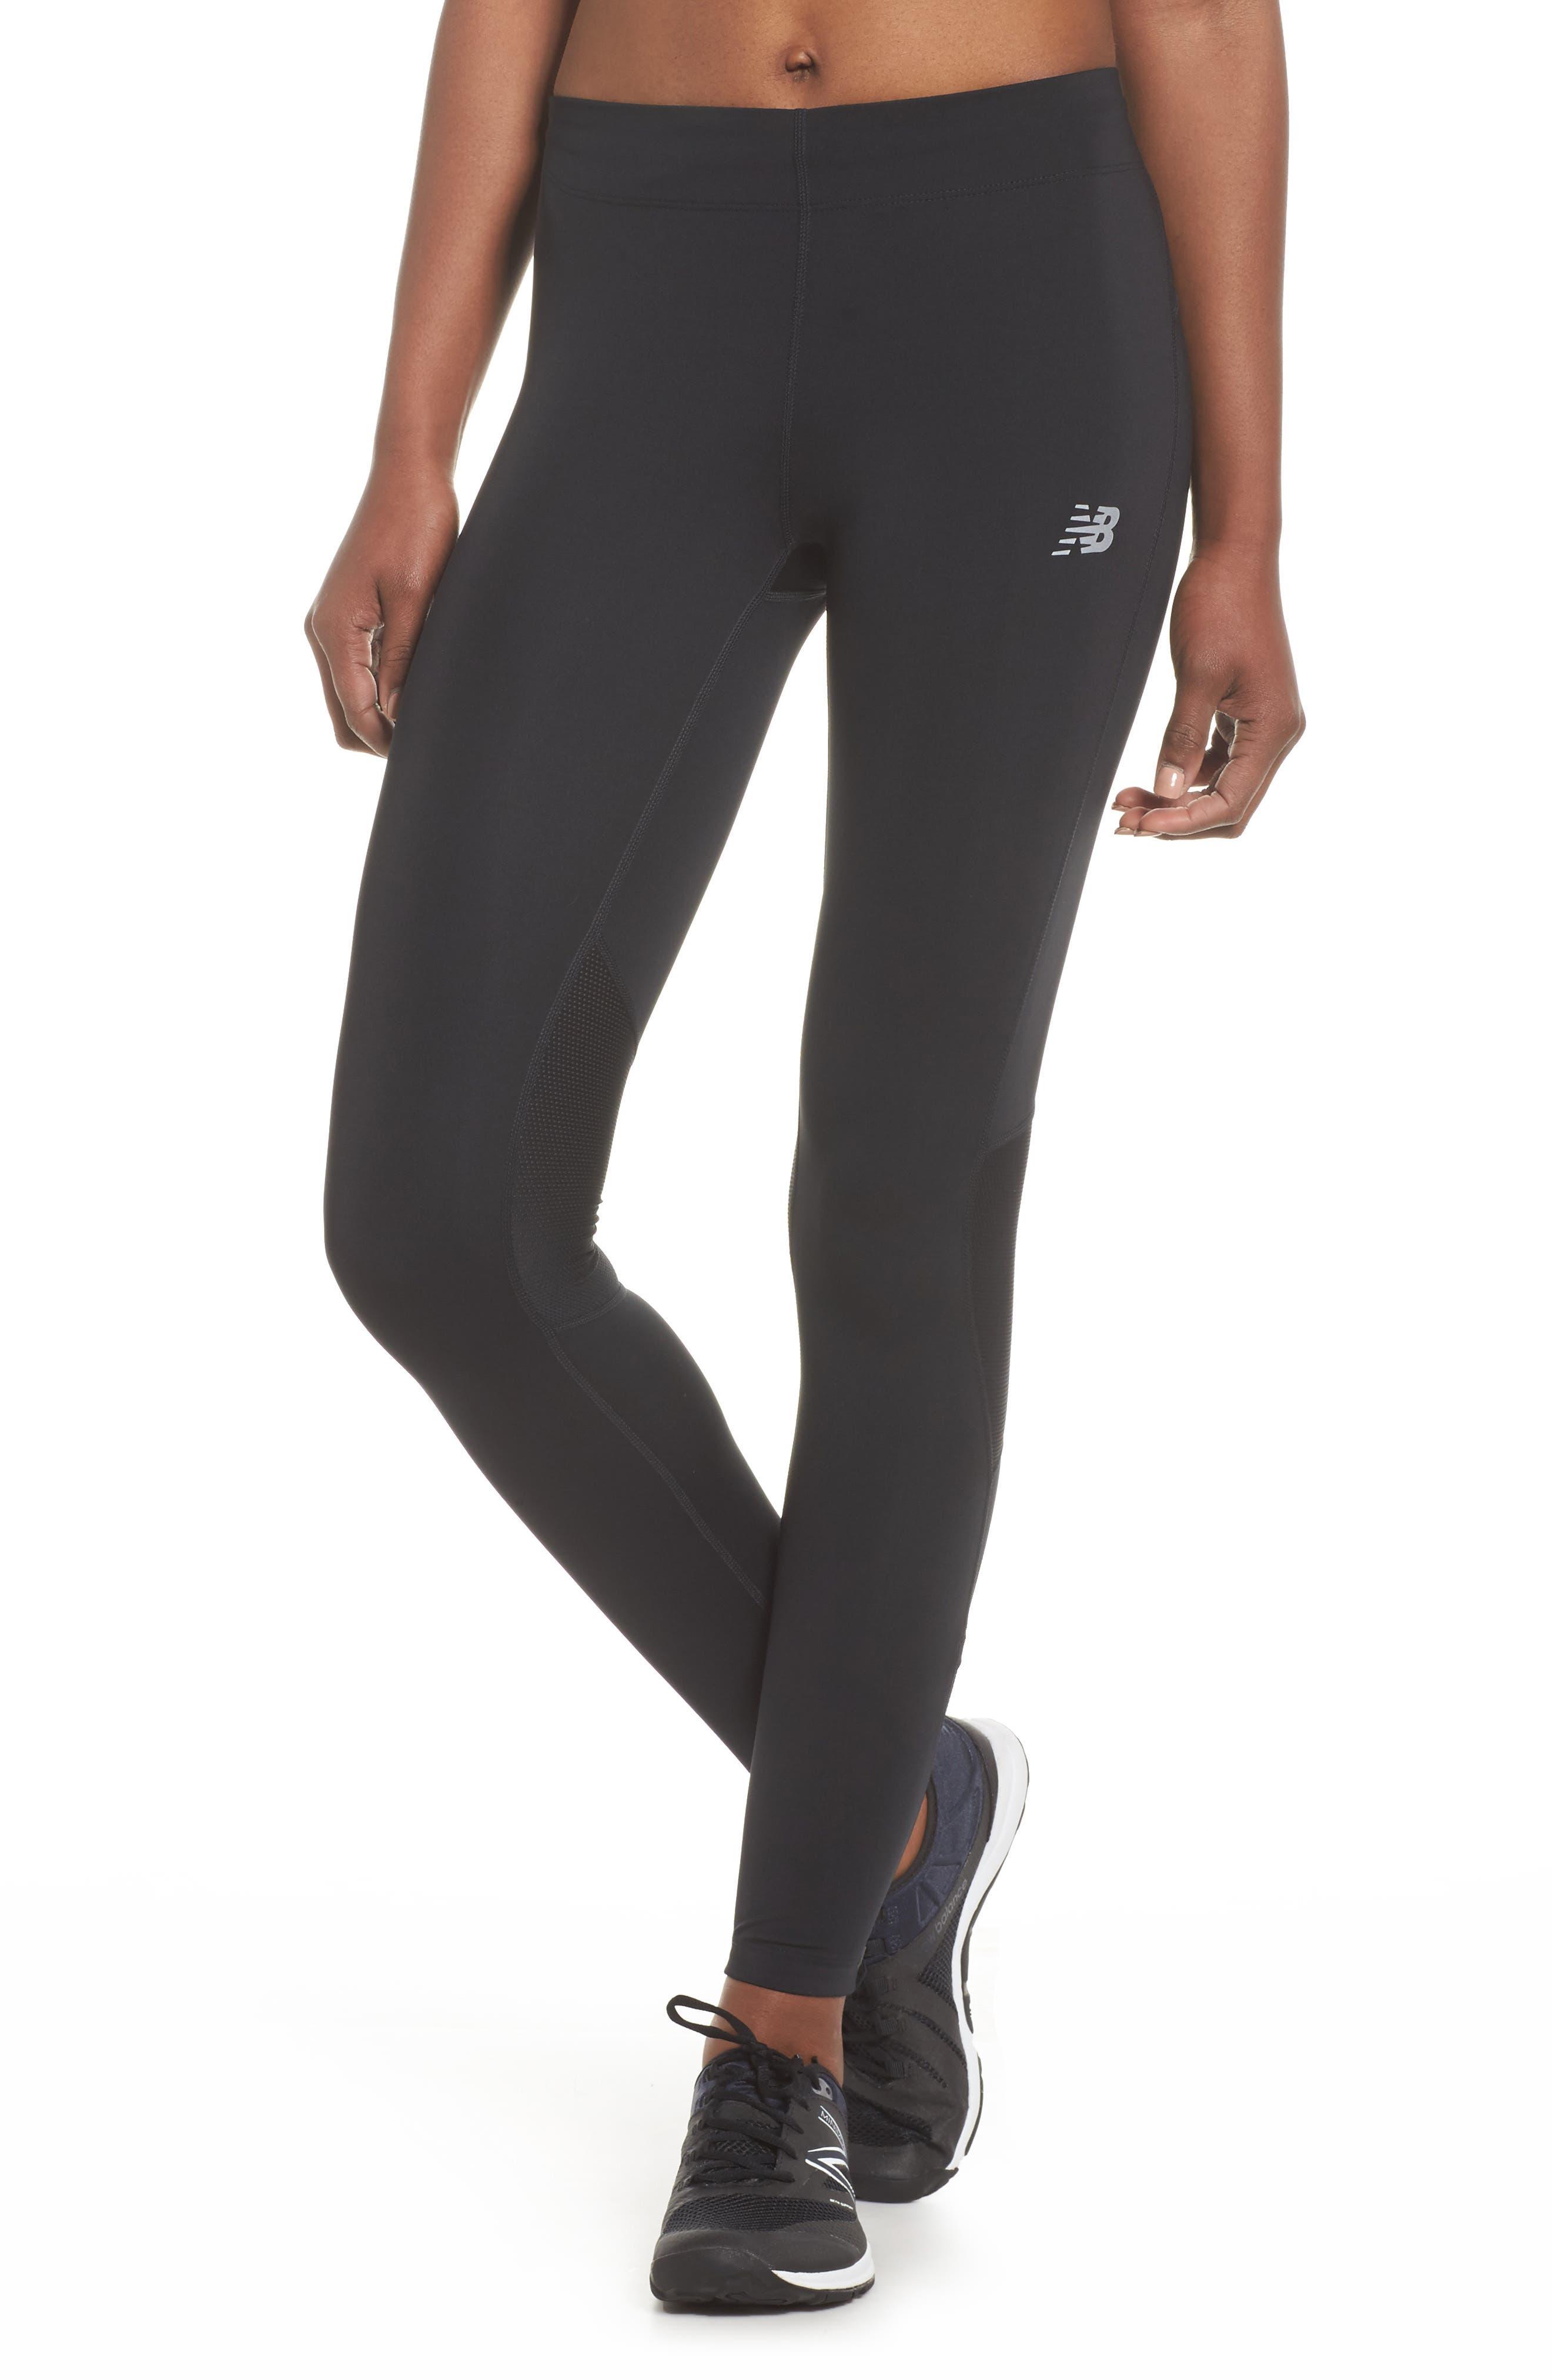 Impact Premium Running Tights,                         Main,                         color, Black